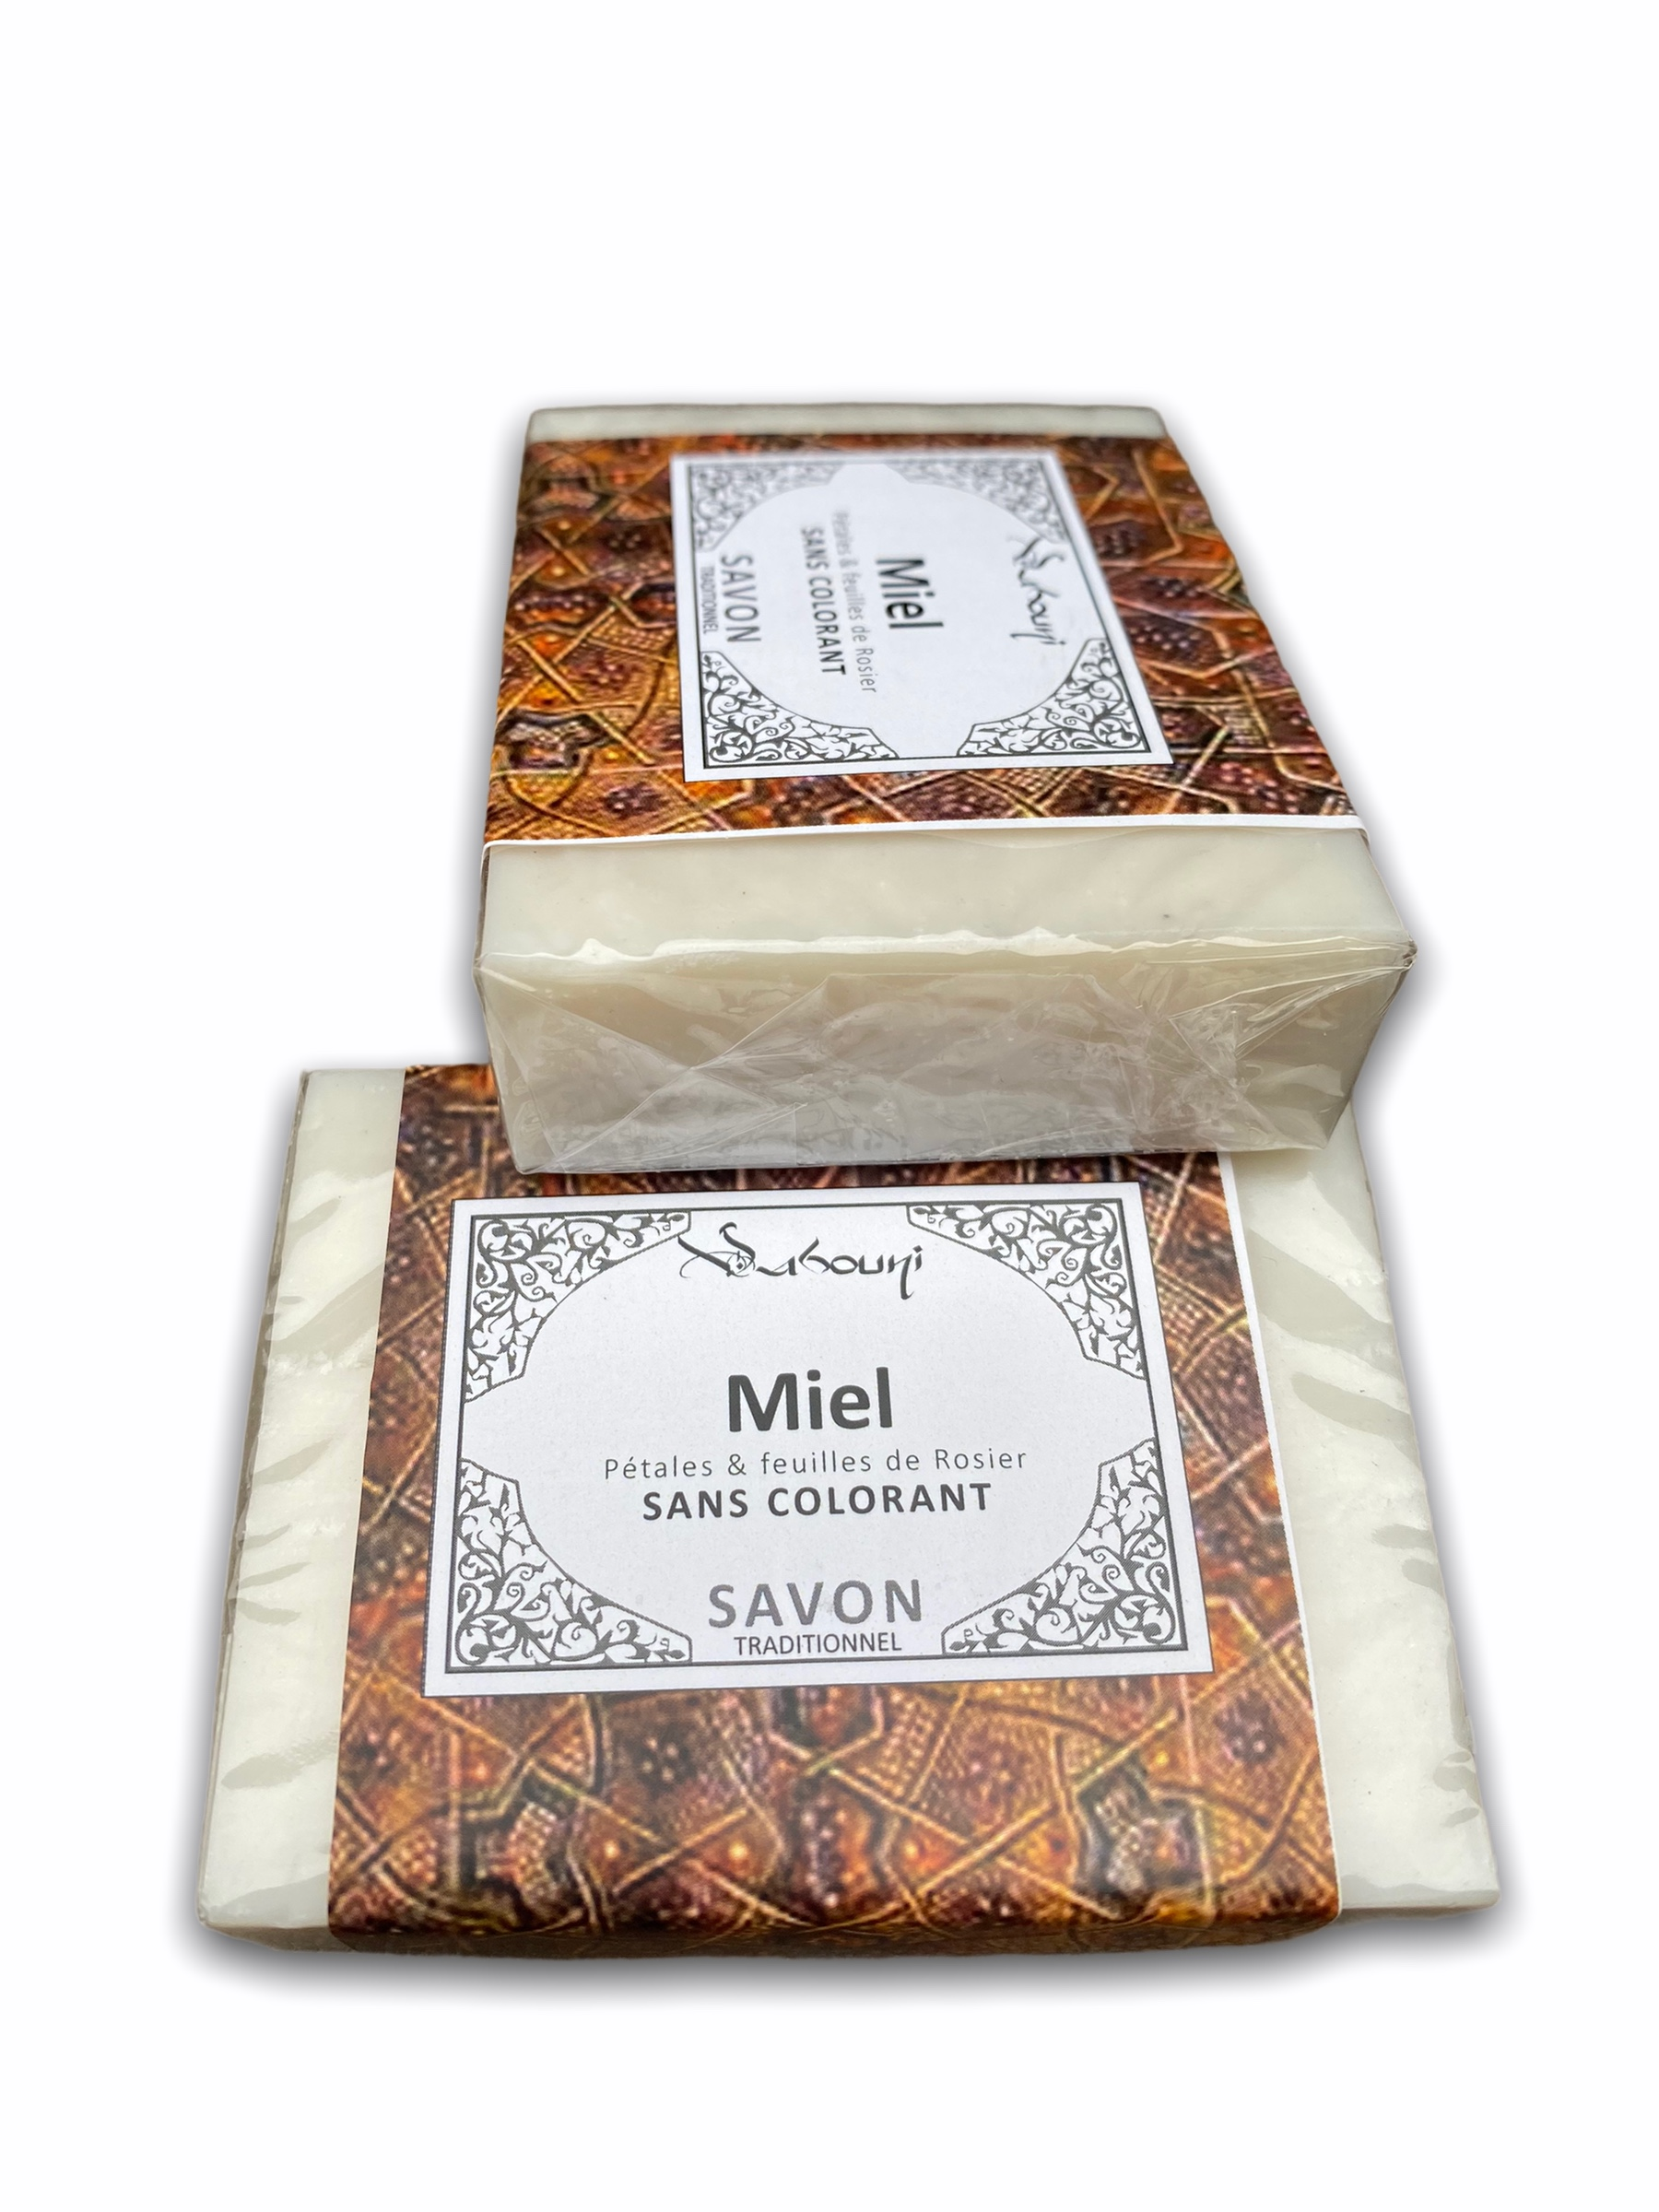 Le miel est vraiment un excellent produit naturel qui respecte et prend soin des peaux les plus sensibles et abîmées. Sans parler de sa délicieuse odeur, le savon au miel répare les épidermes fragilisés.